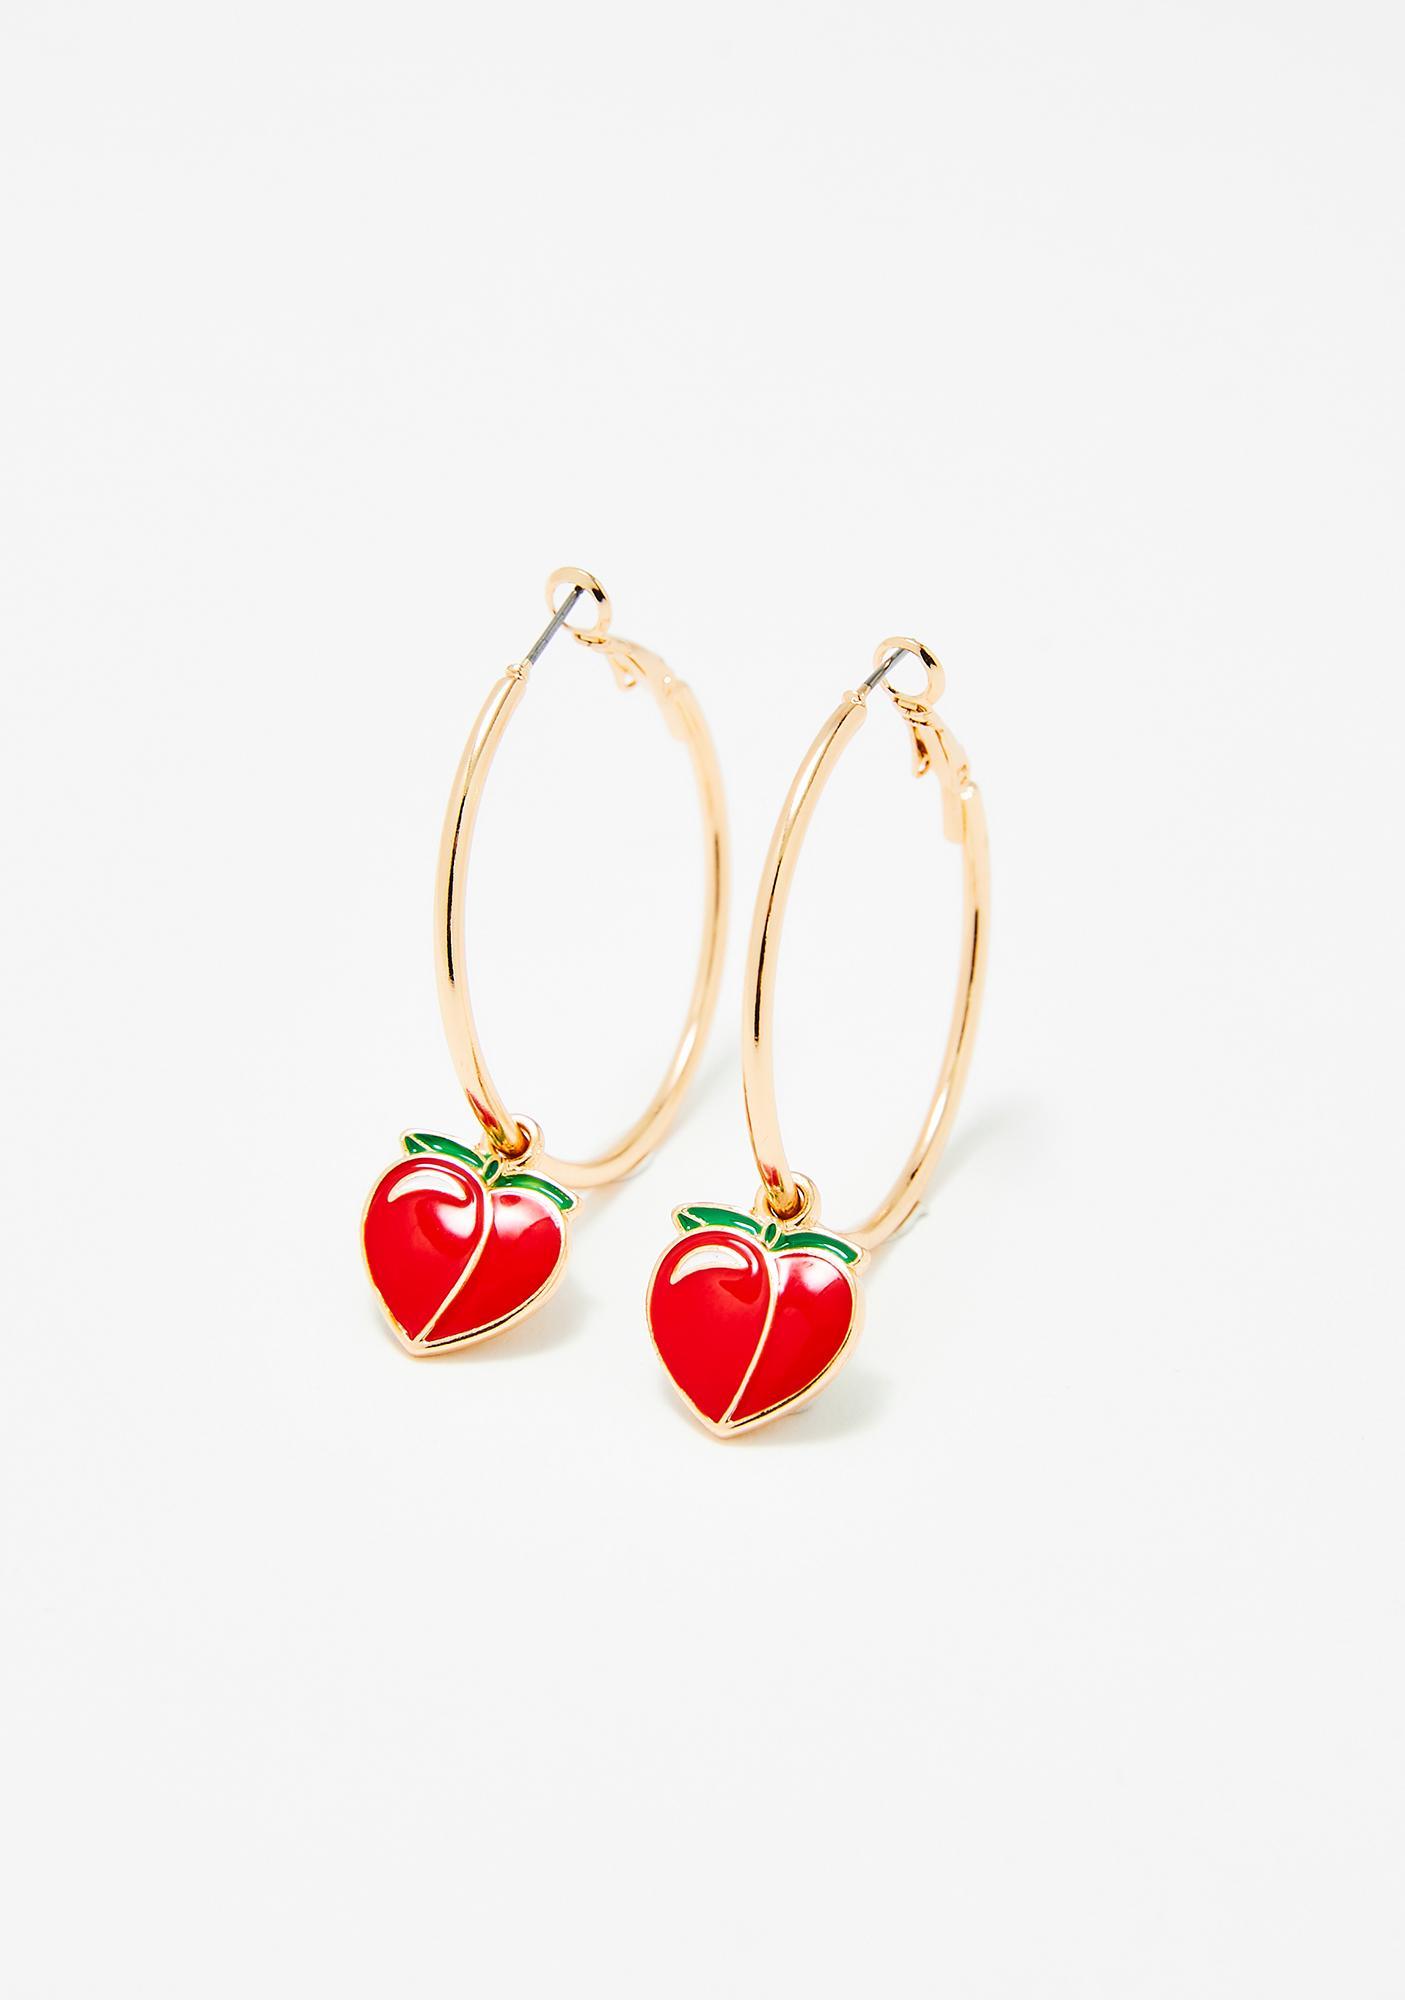 Juicy Gossip Peach Earrings